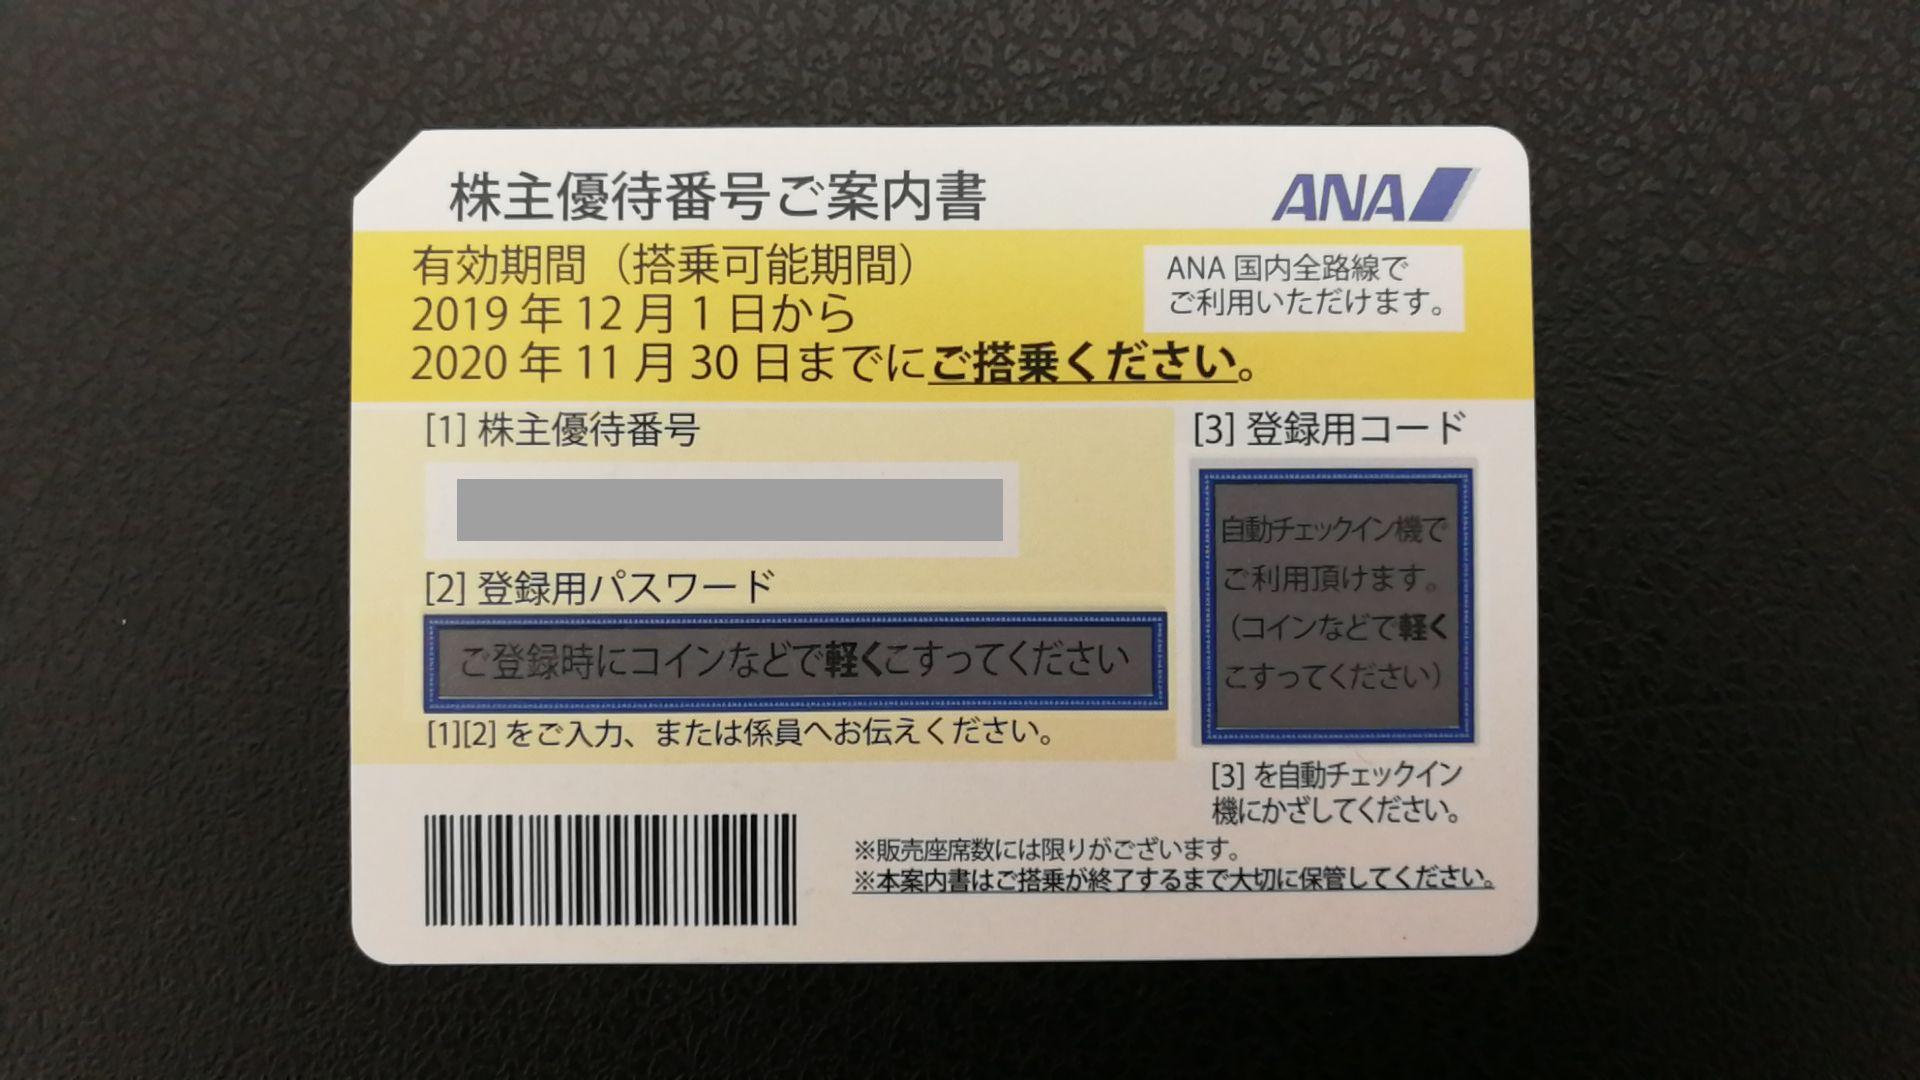 ANA株主優待券(有効期限2020/11/30) 2019/12/14(土)現在買取価格(国内相場暴落の為一時的に下がりました)